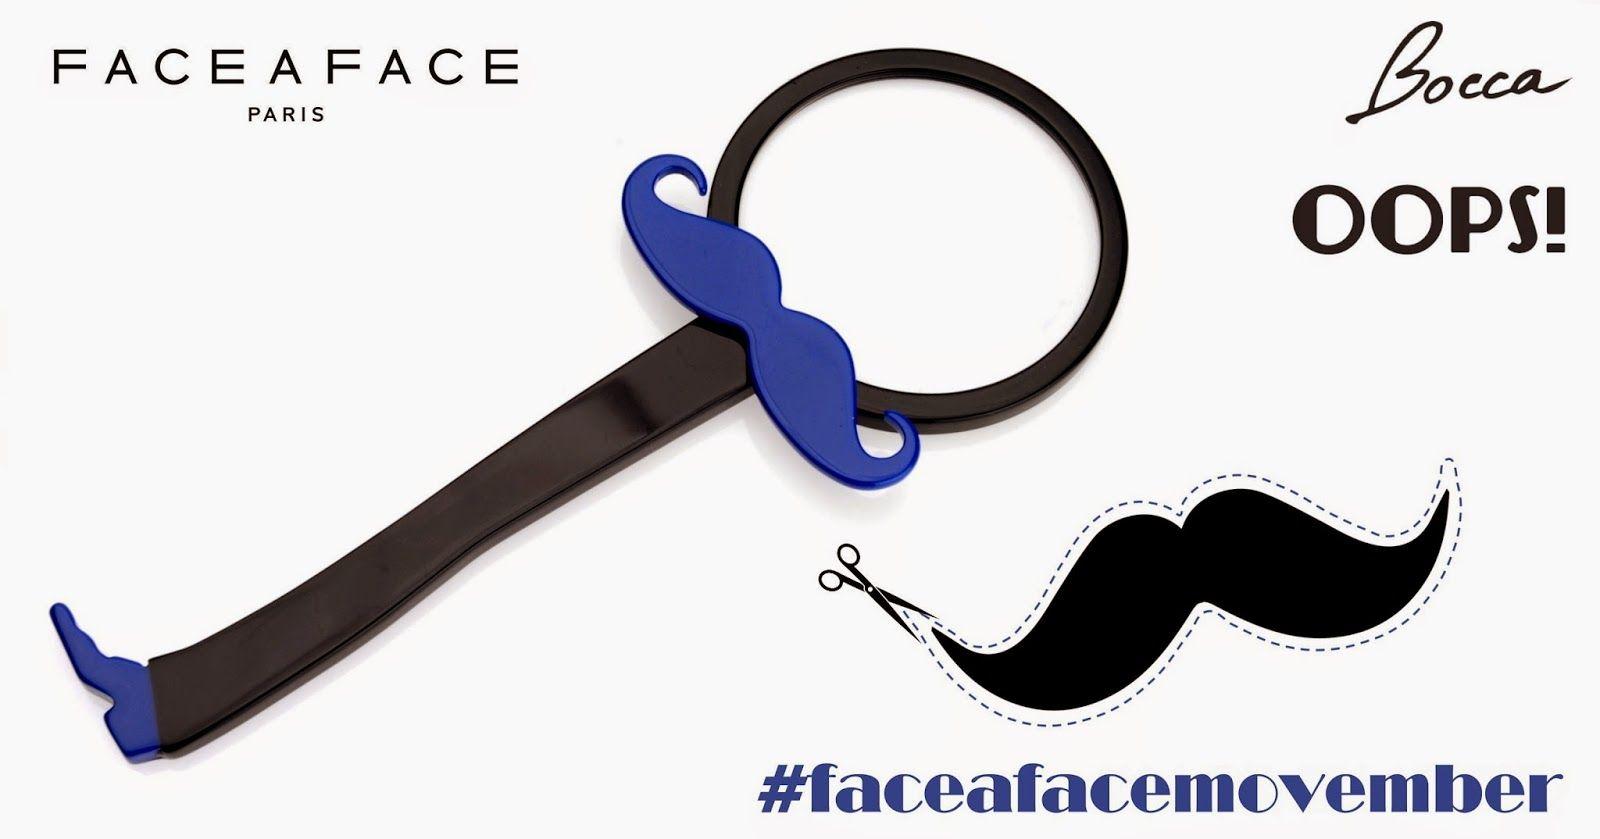 Le blog de FACE à FACE: #faceafacemovember : Let's grow your mustache ! #movember #contest